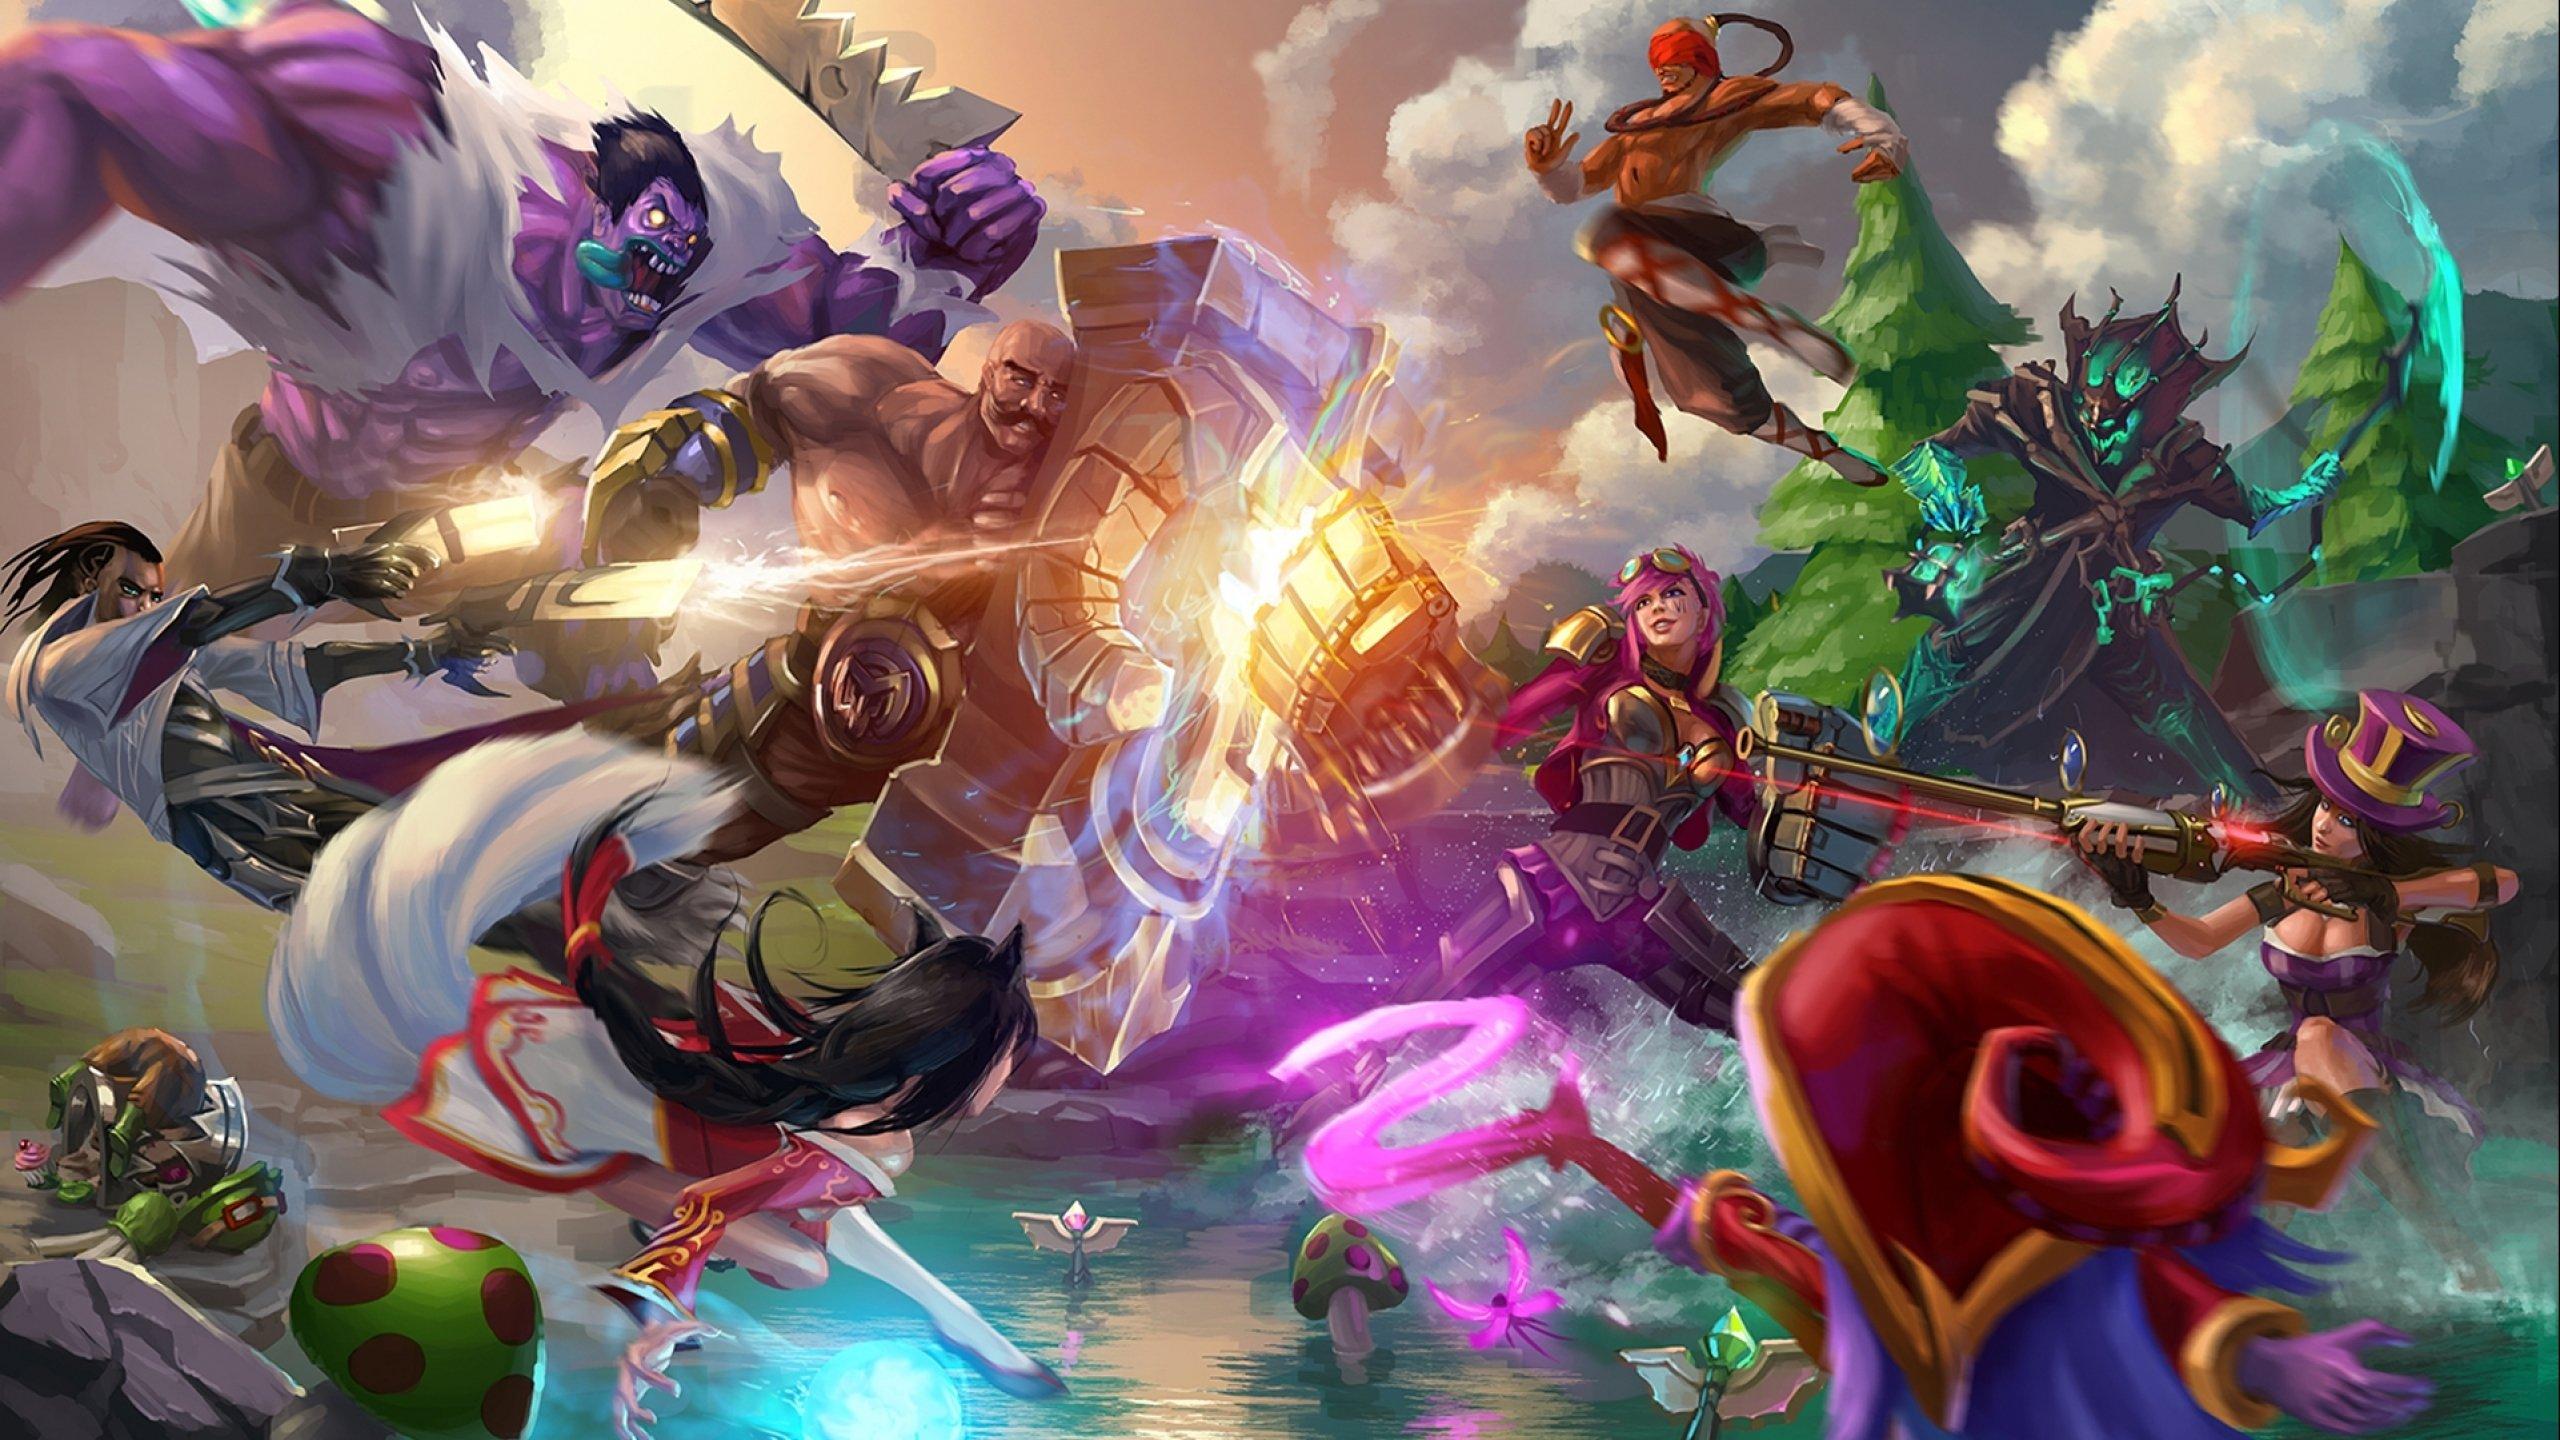 Teamfight wallpaper